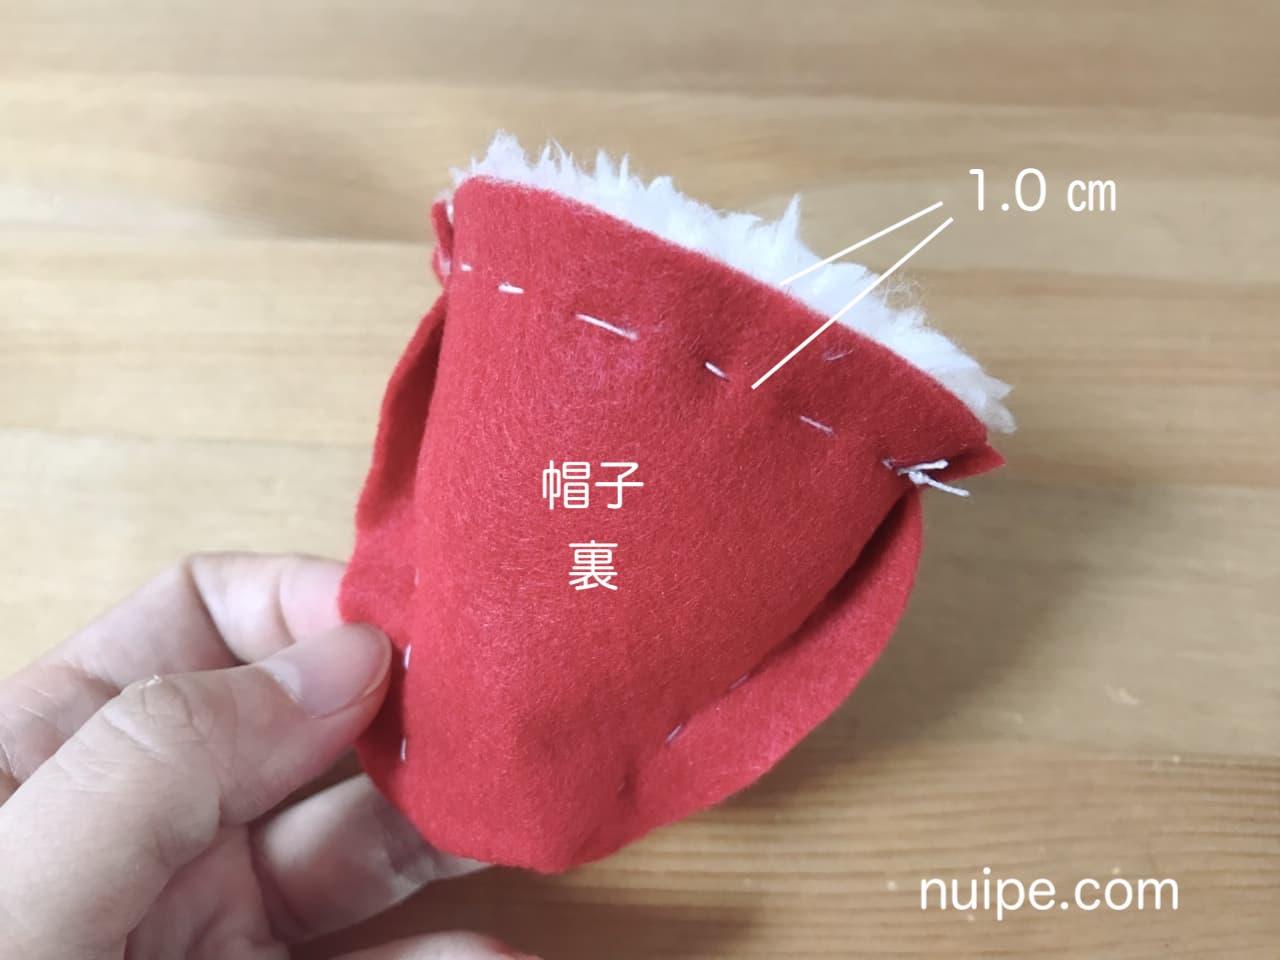 ダッフィー帽子縫い合わせ